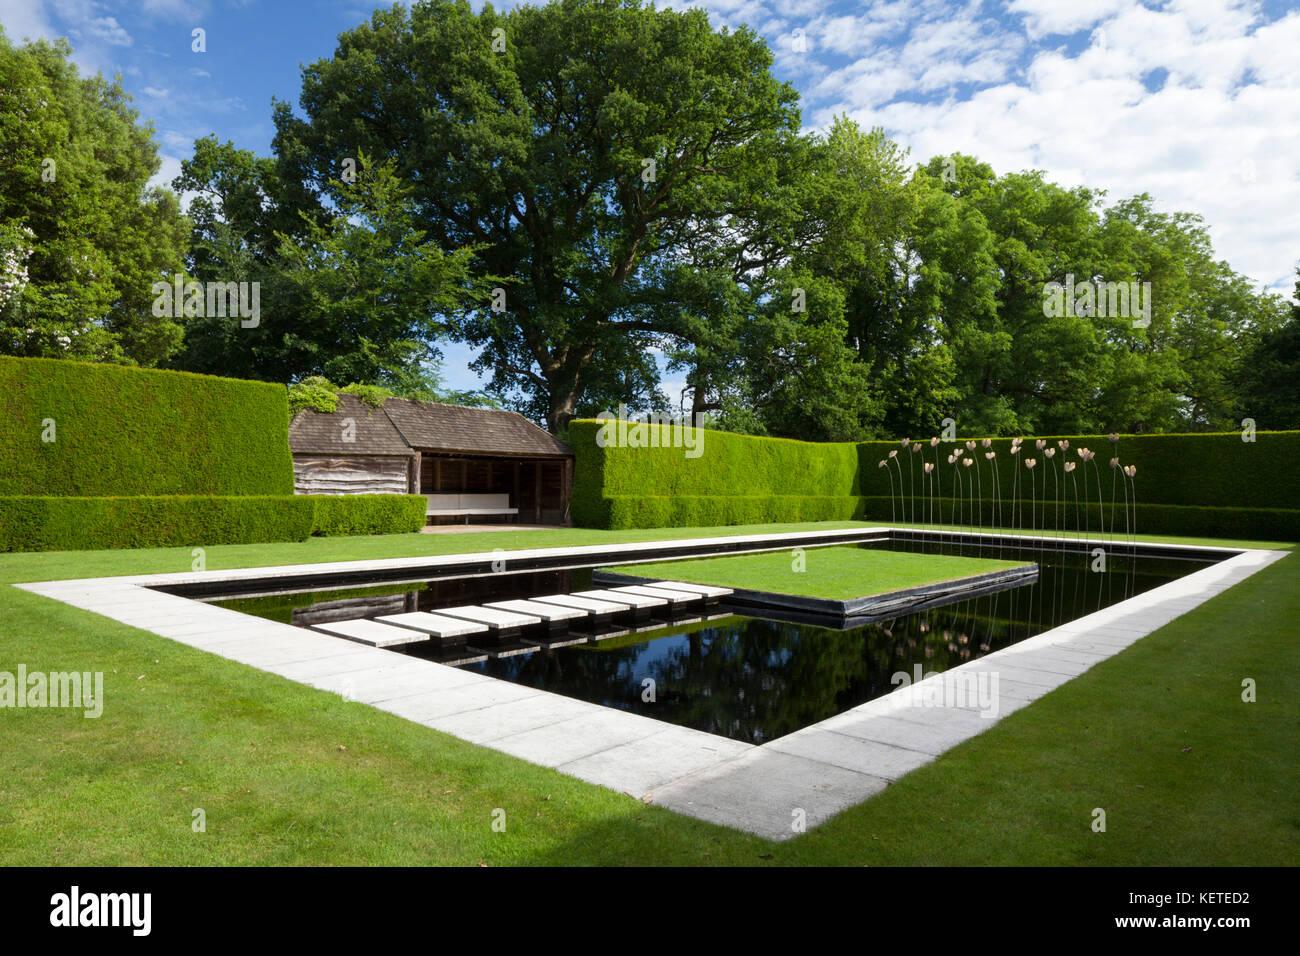 Wunderbar Die Zeitgenössische Wasser Garten Mit Moderner Kunst Skulptur Ist Von Hohen  Eibe Hecken, Gärten, Cotswolds Kiftsgate Court, Gloucestershire, ...